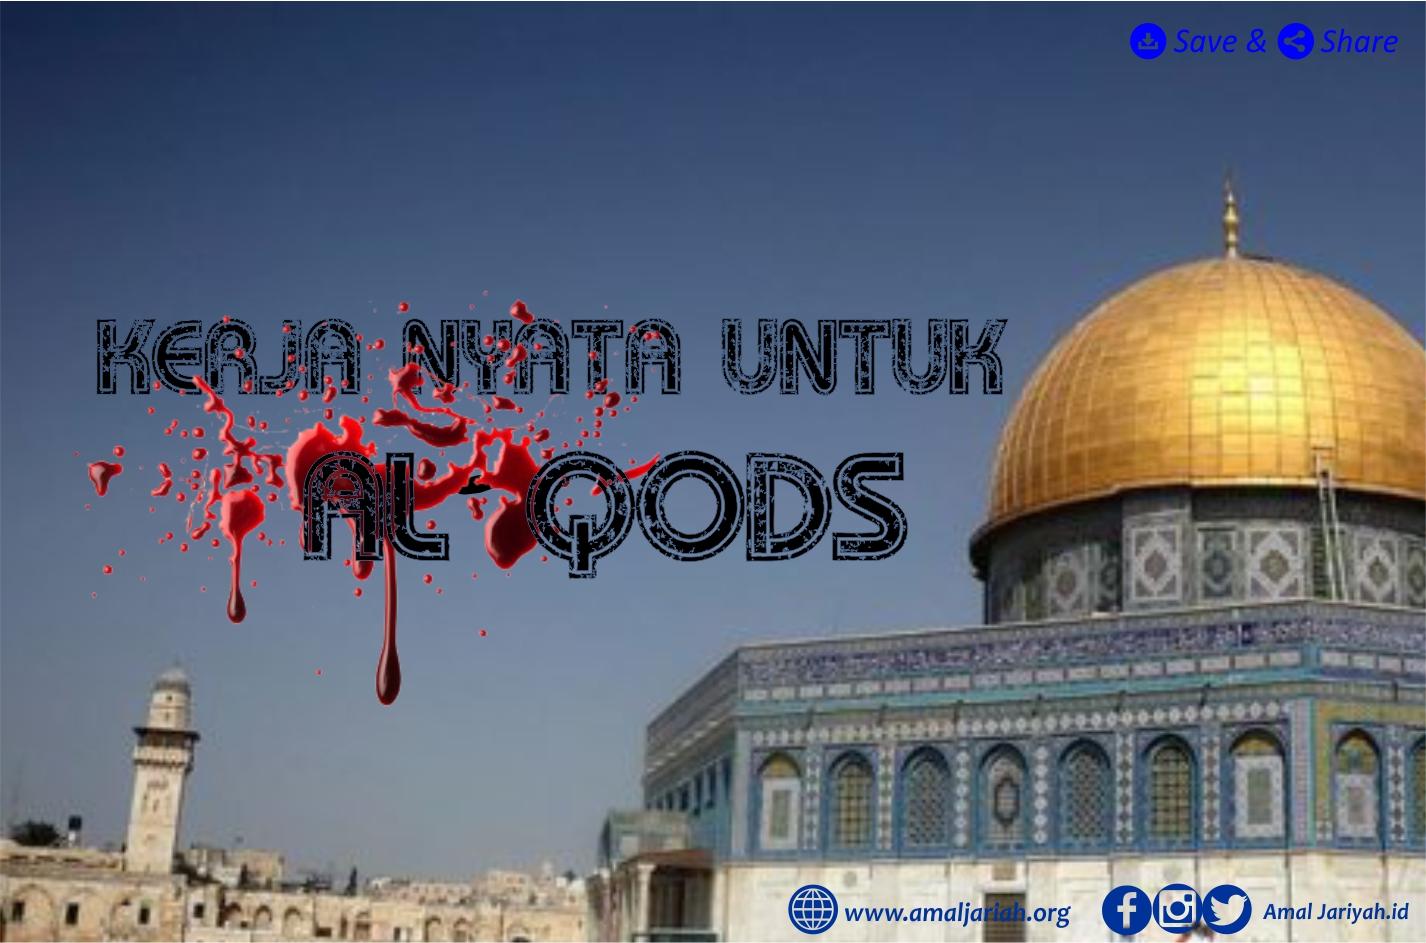 Kerja Nyata Untuk Al-Qods